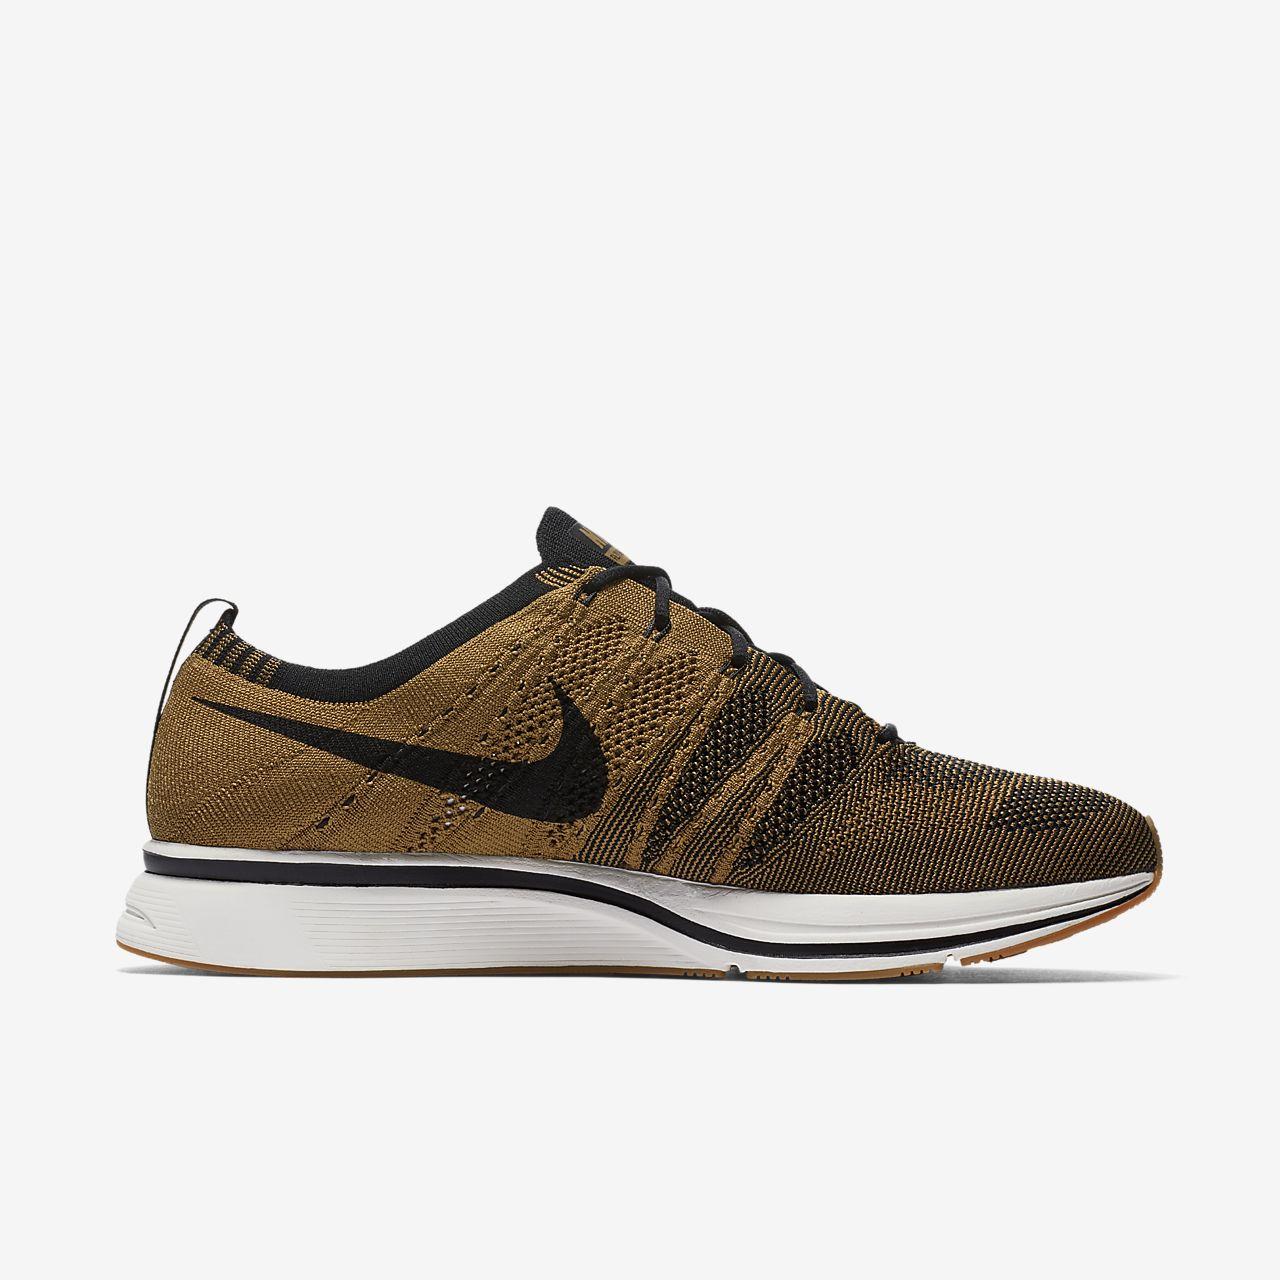 889d570029d Nike Flyknit Trainer Unisex Shoe. Nike.com